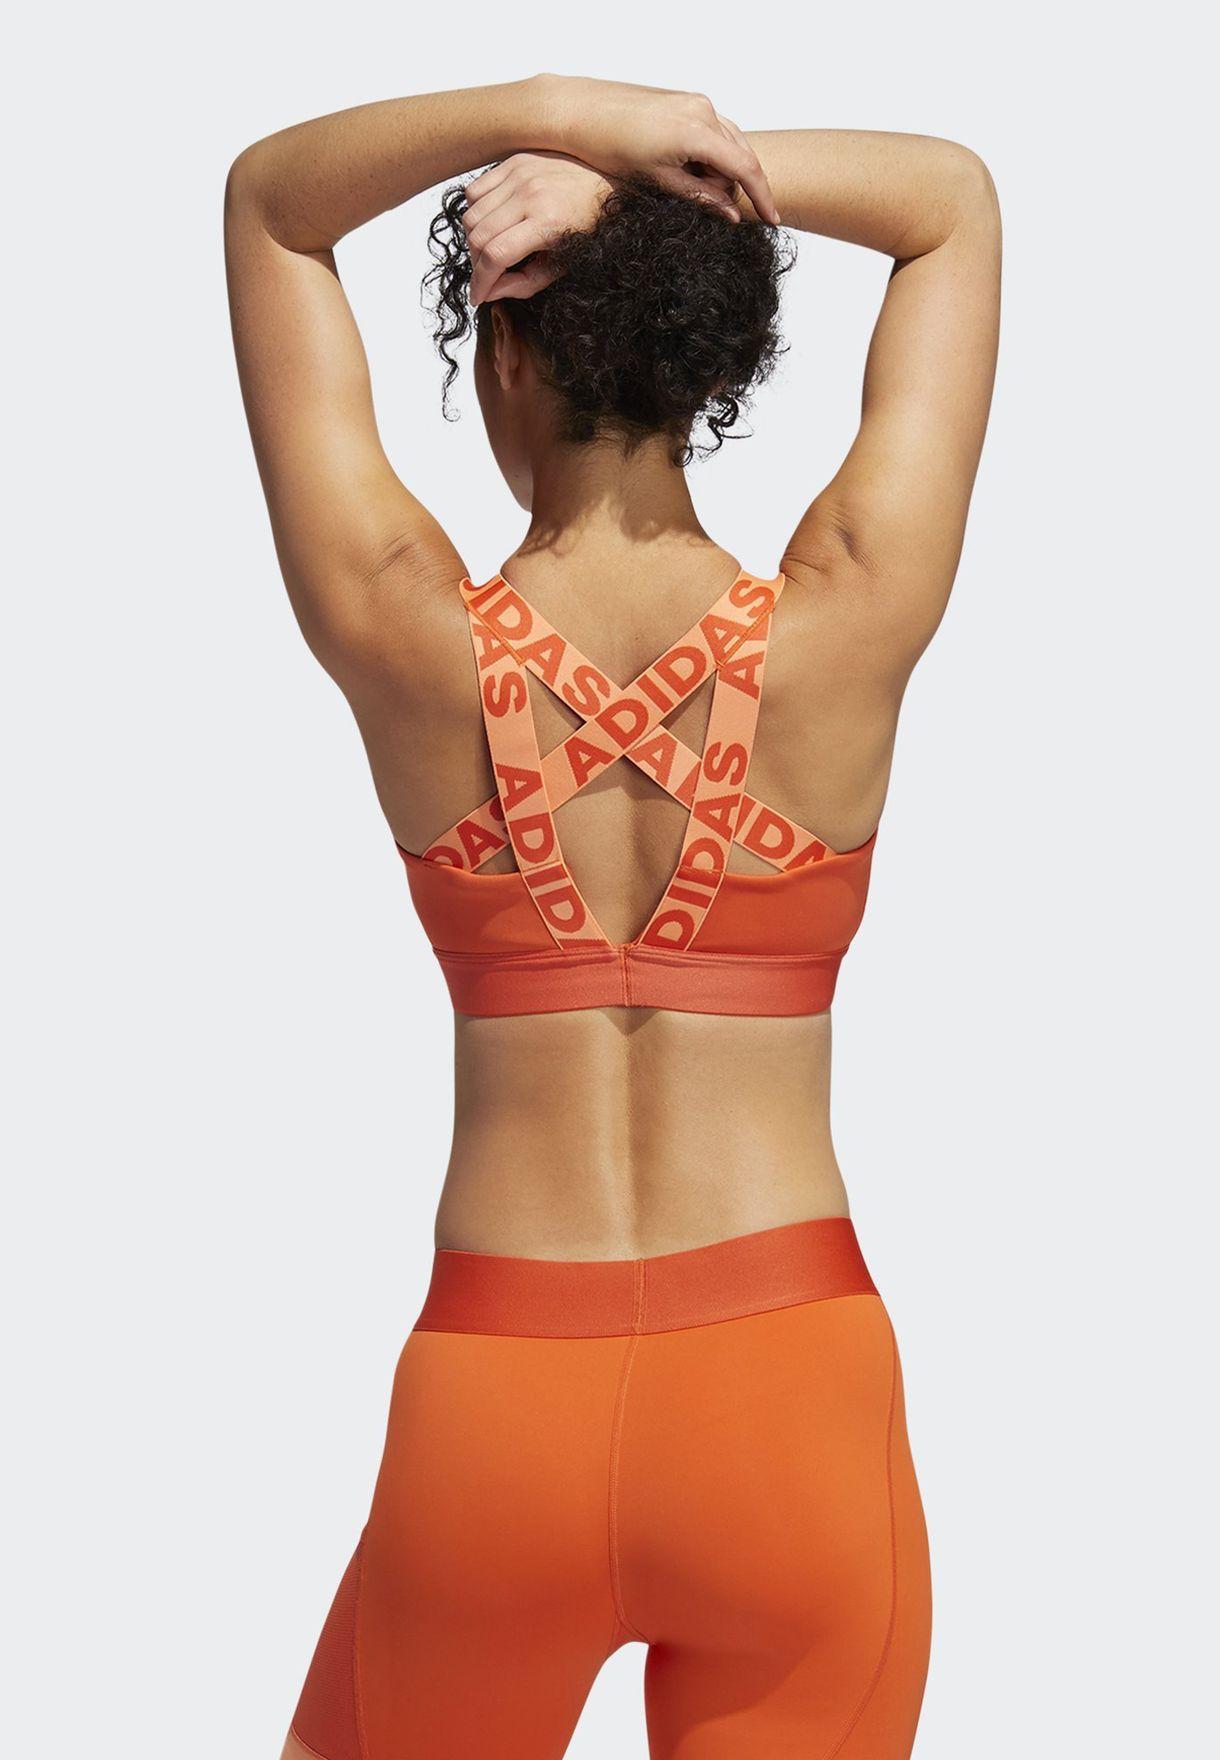 صدرية رياضية بتقنية ايروريدي مزينة بشعار الماركة